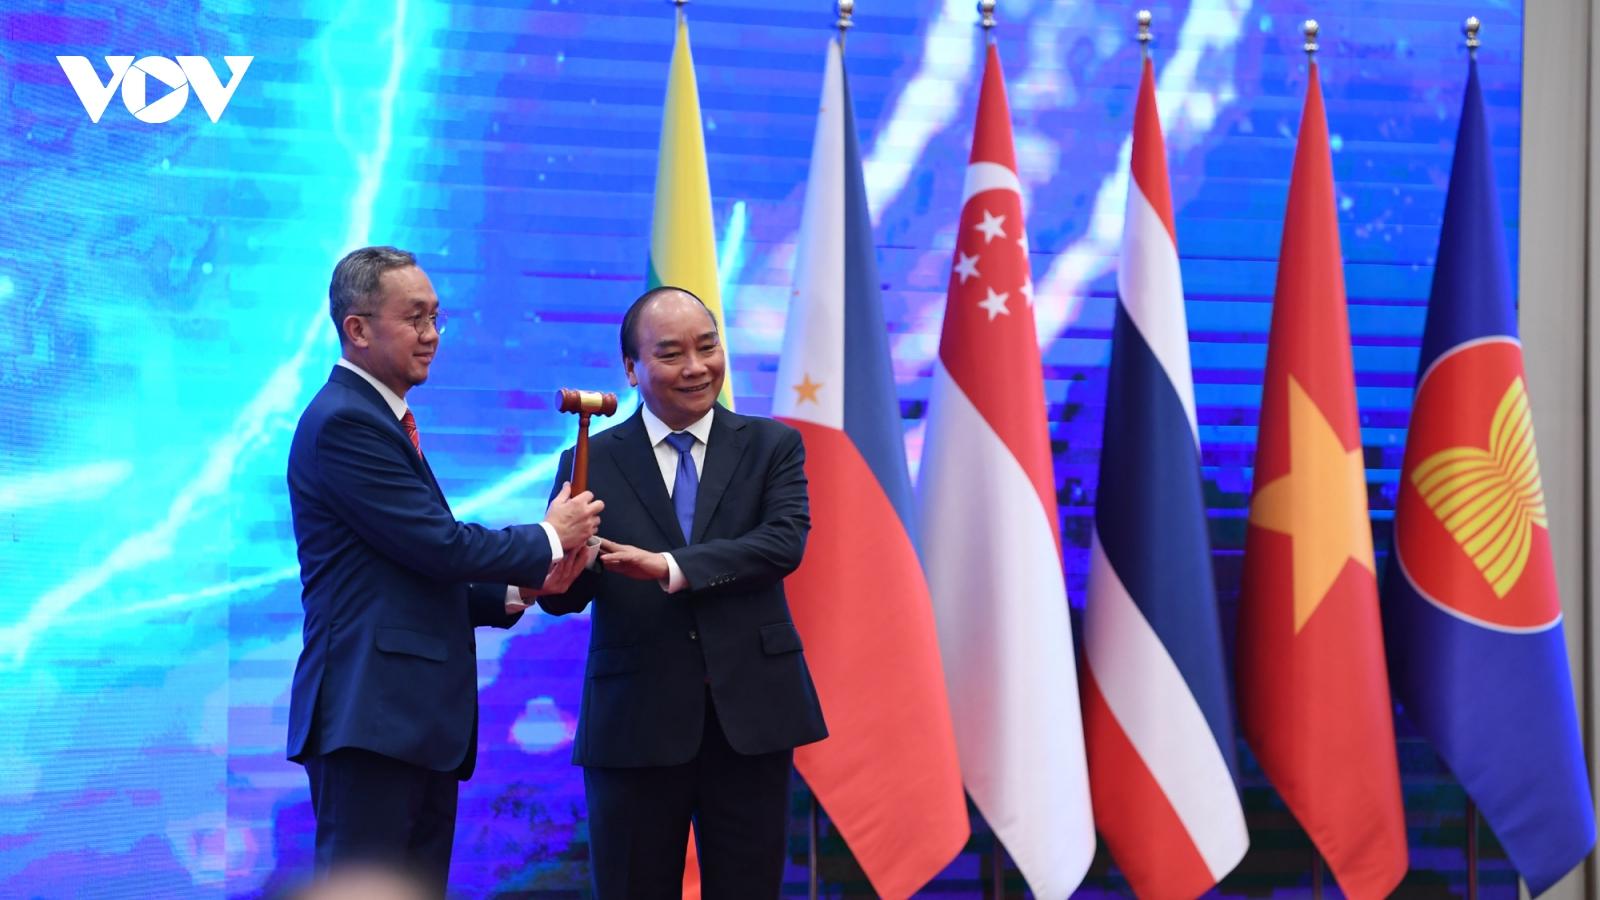 Việt Nam đạt được tất cả các mục tiêu đặt ra ở Hội nghị Cấp cao ASEAN 37